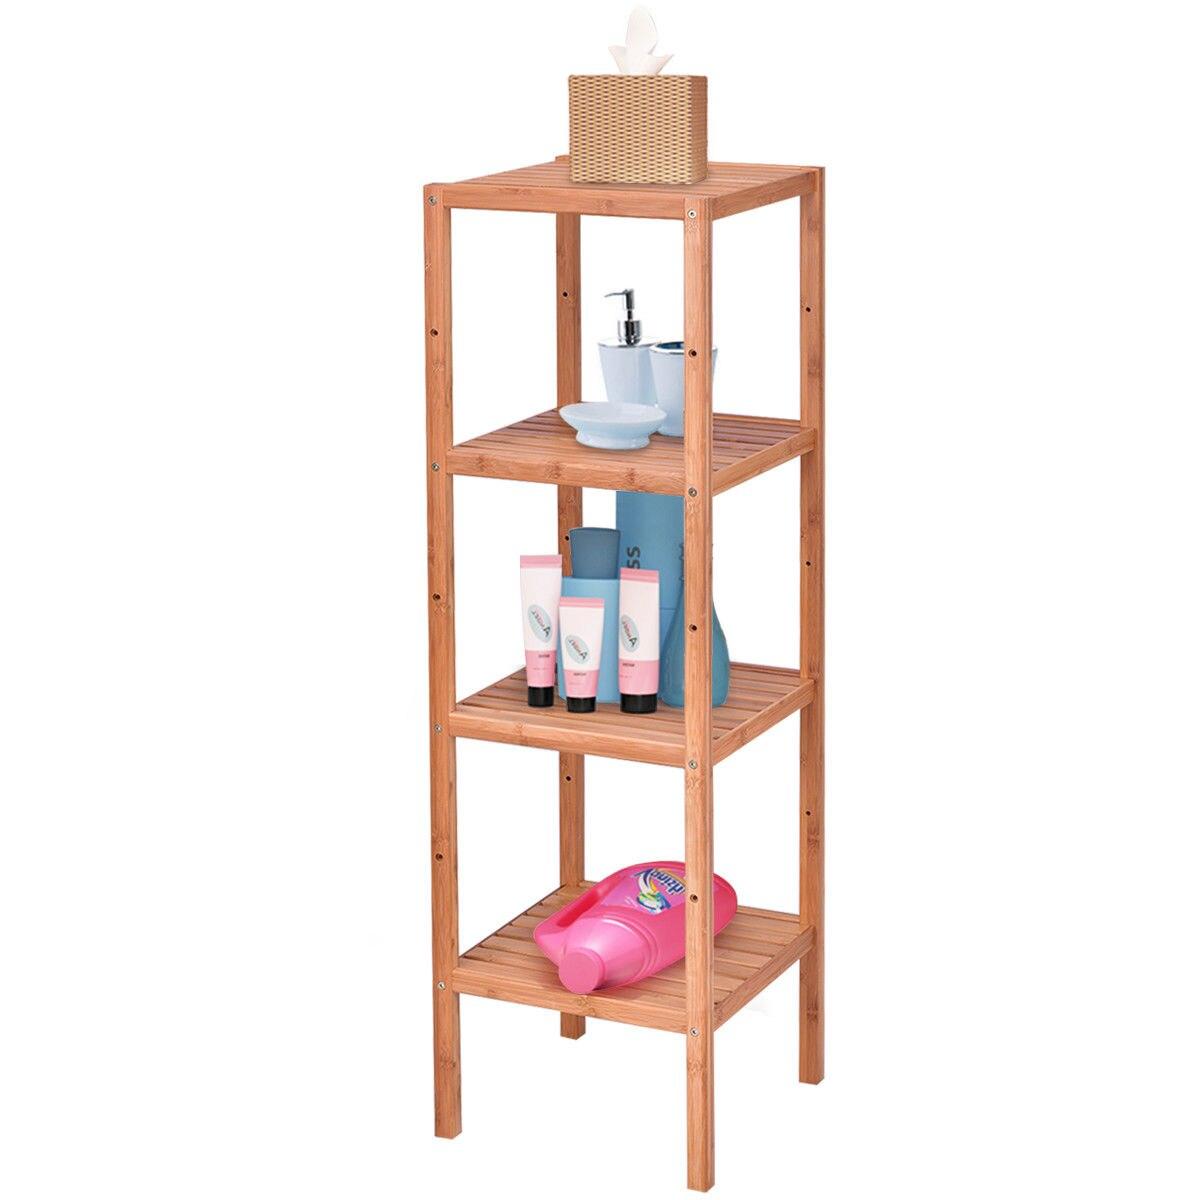 Goplus 4 уровня бамбука хранения стеллаж Ванная комната Полотенца полка Многофункциональный Ящики для гостиной мебель HW56489